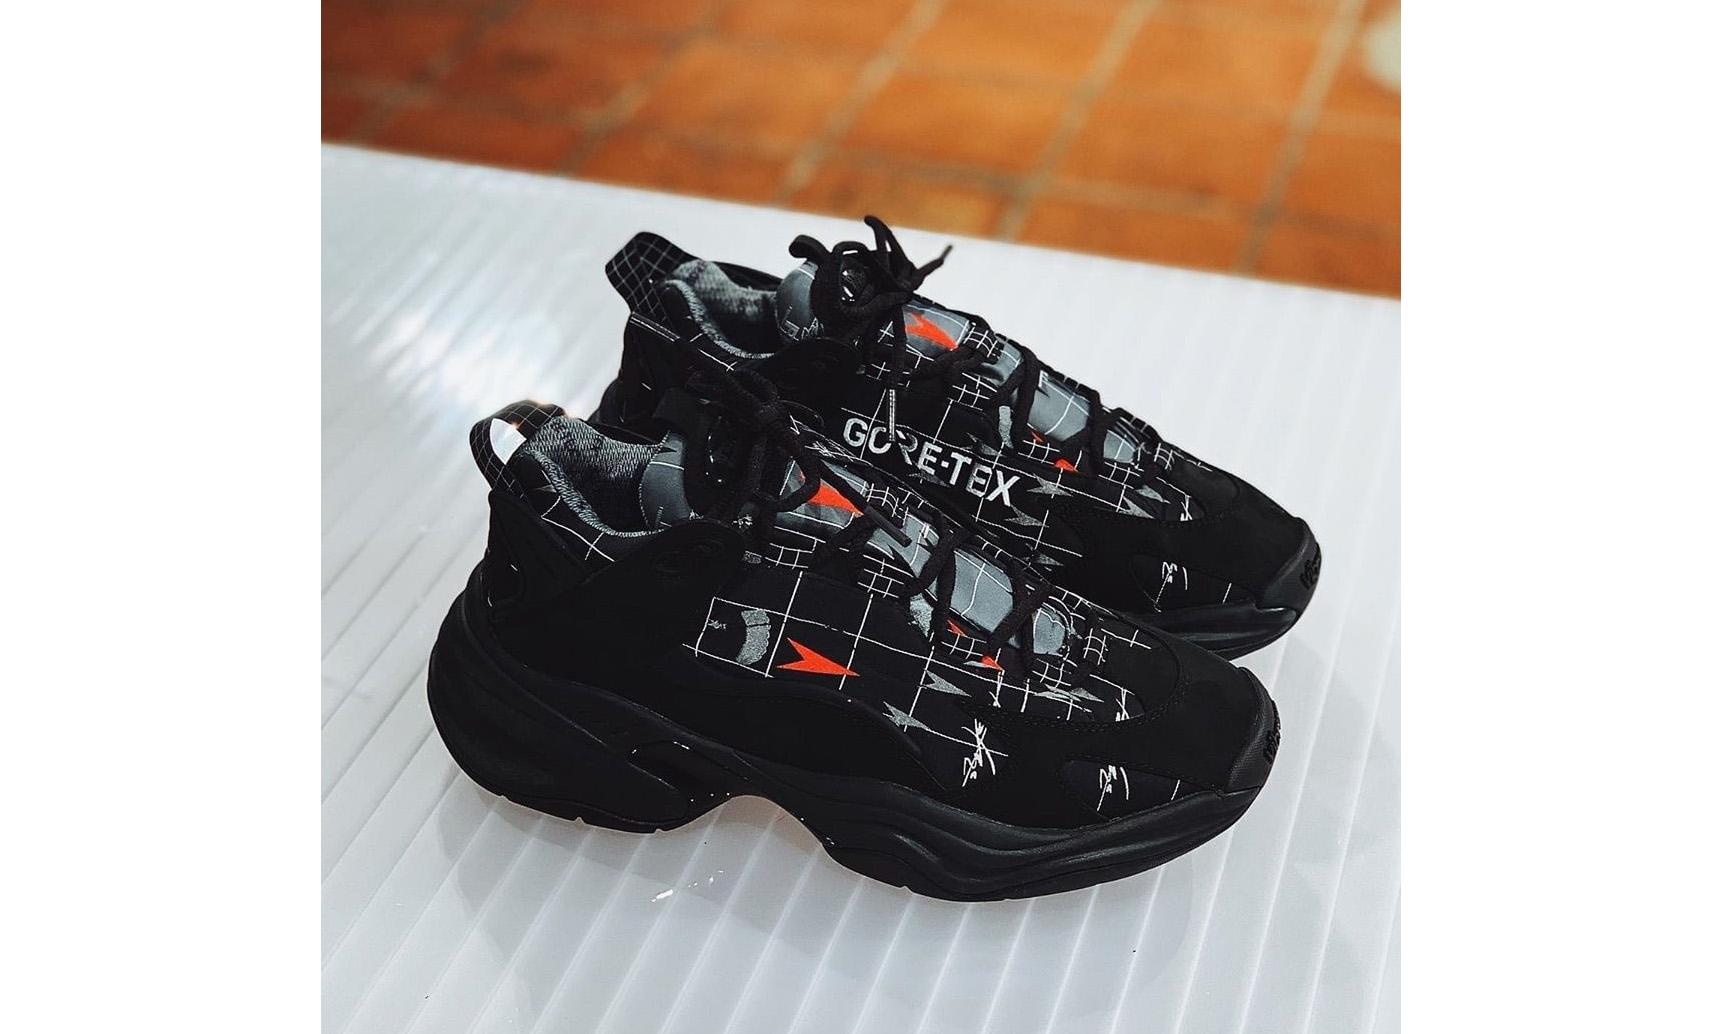 科技感外形,FUTURA 也想在球鞋领域分一杯羹